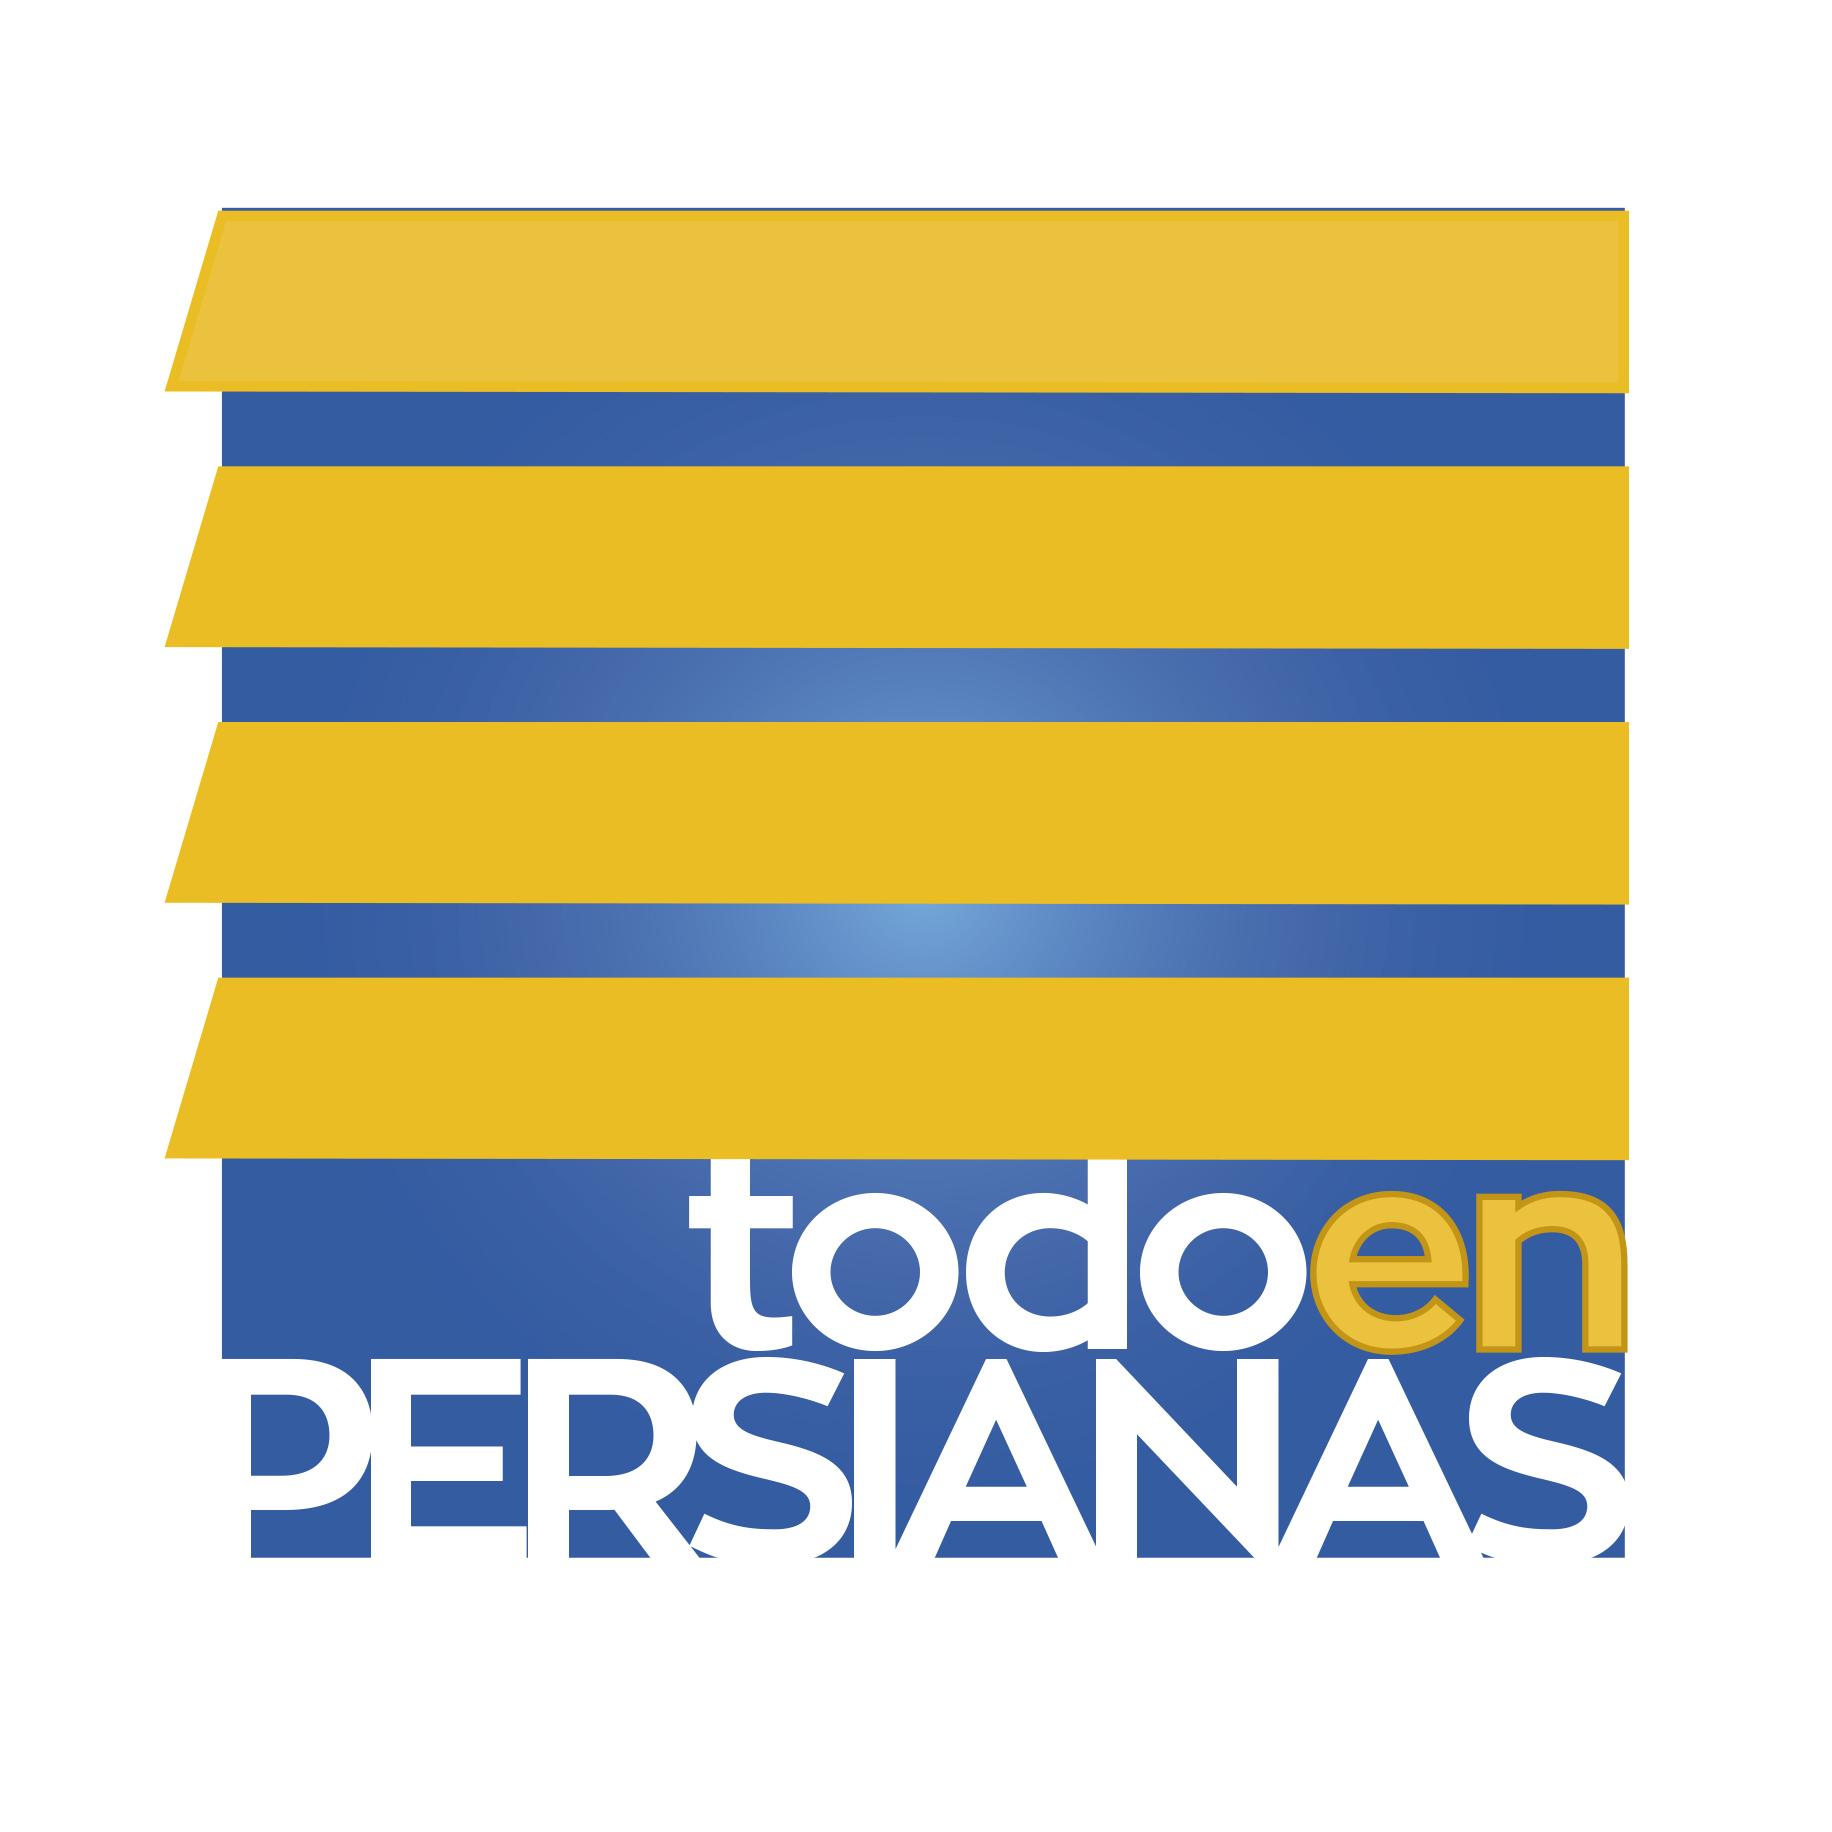 TODOenPERSIANAS - Persianas en Vizcaya - Persianas en Cantabria